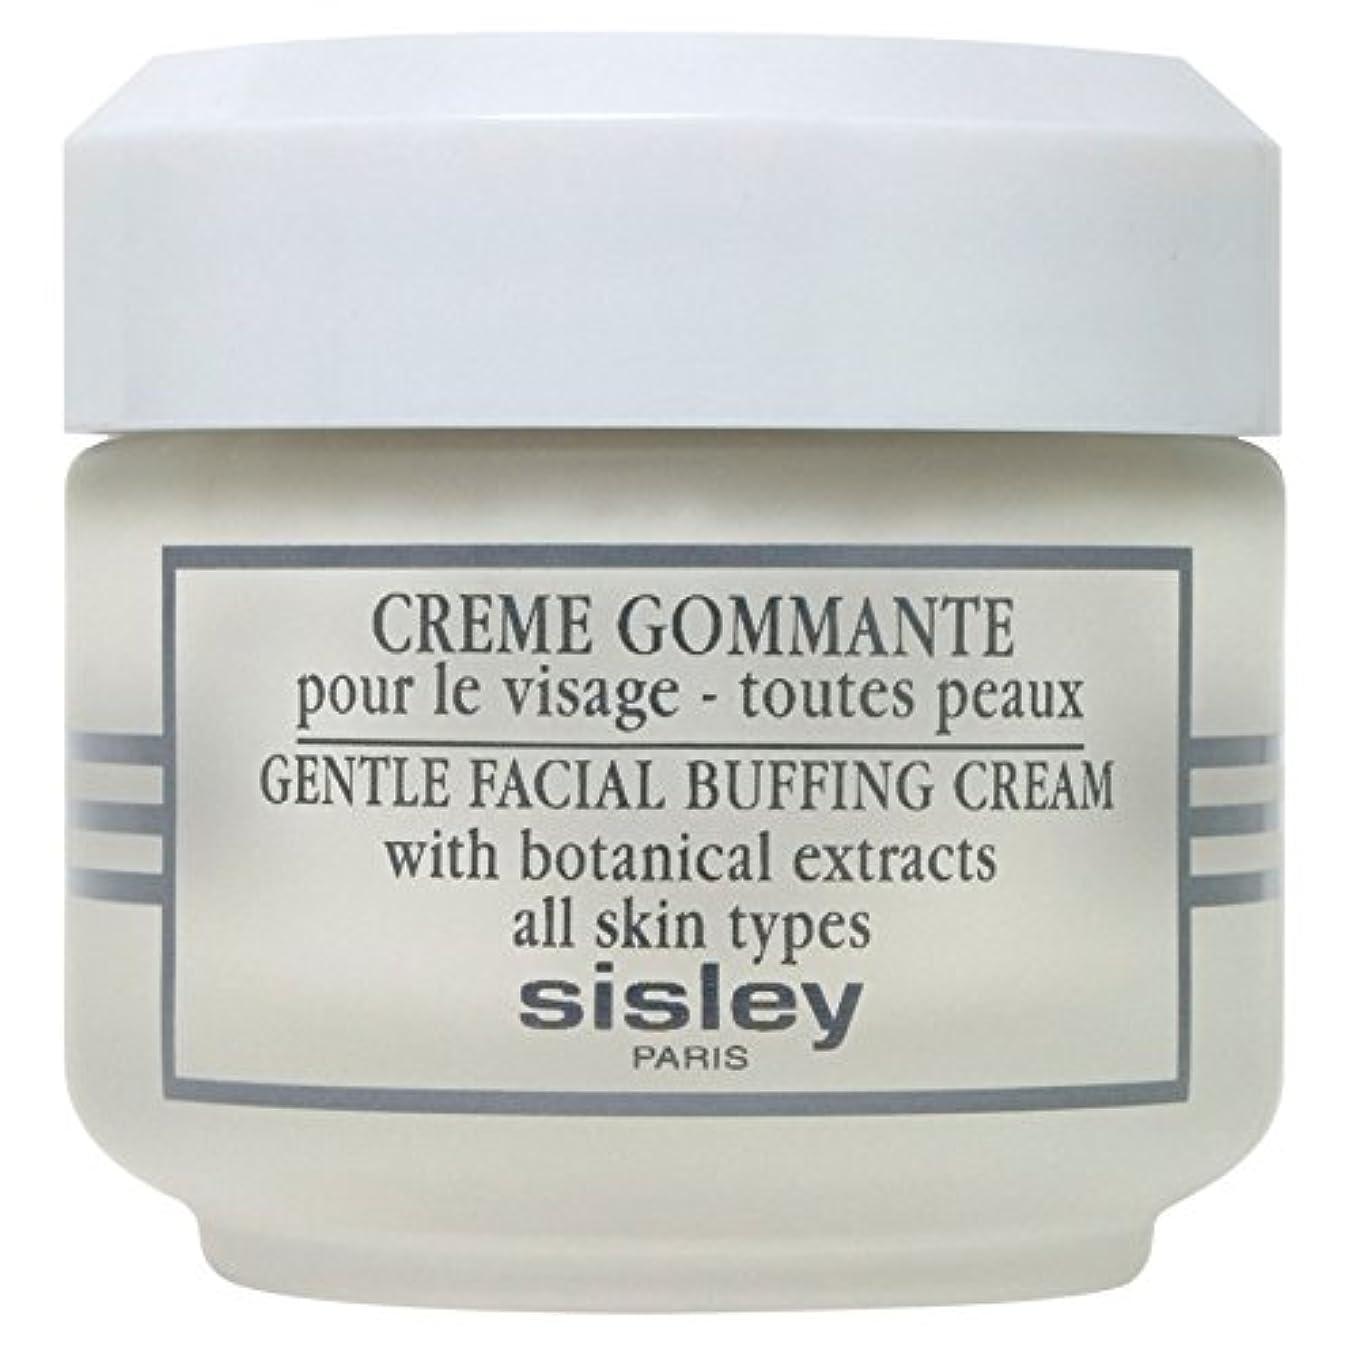 適用済み彼女の特徴づける[Sisley] シスレー優しい顔のバフクリーム50Ml - Sisley Gentle Facial Buffing Cream 50ml [並行輸入品]